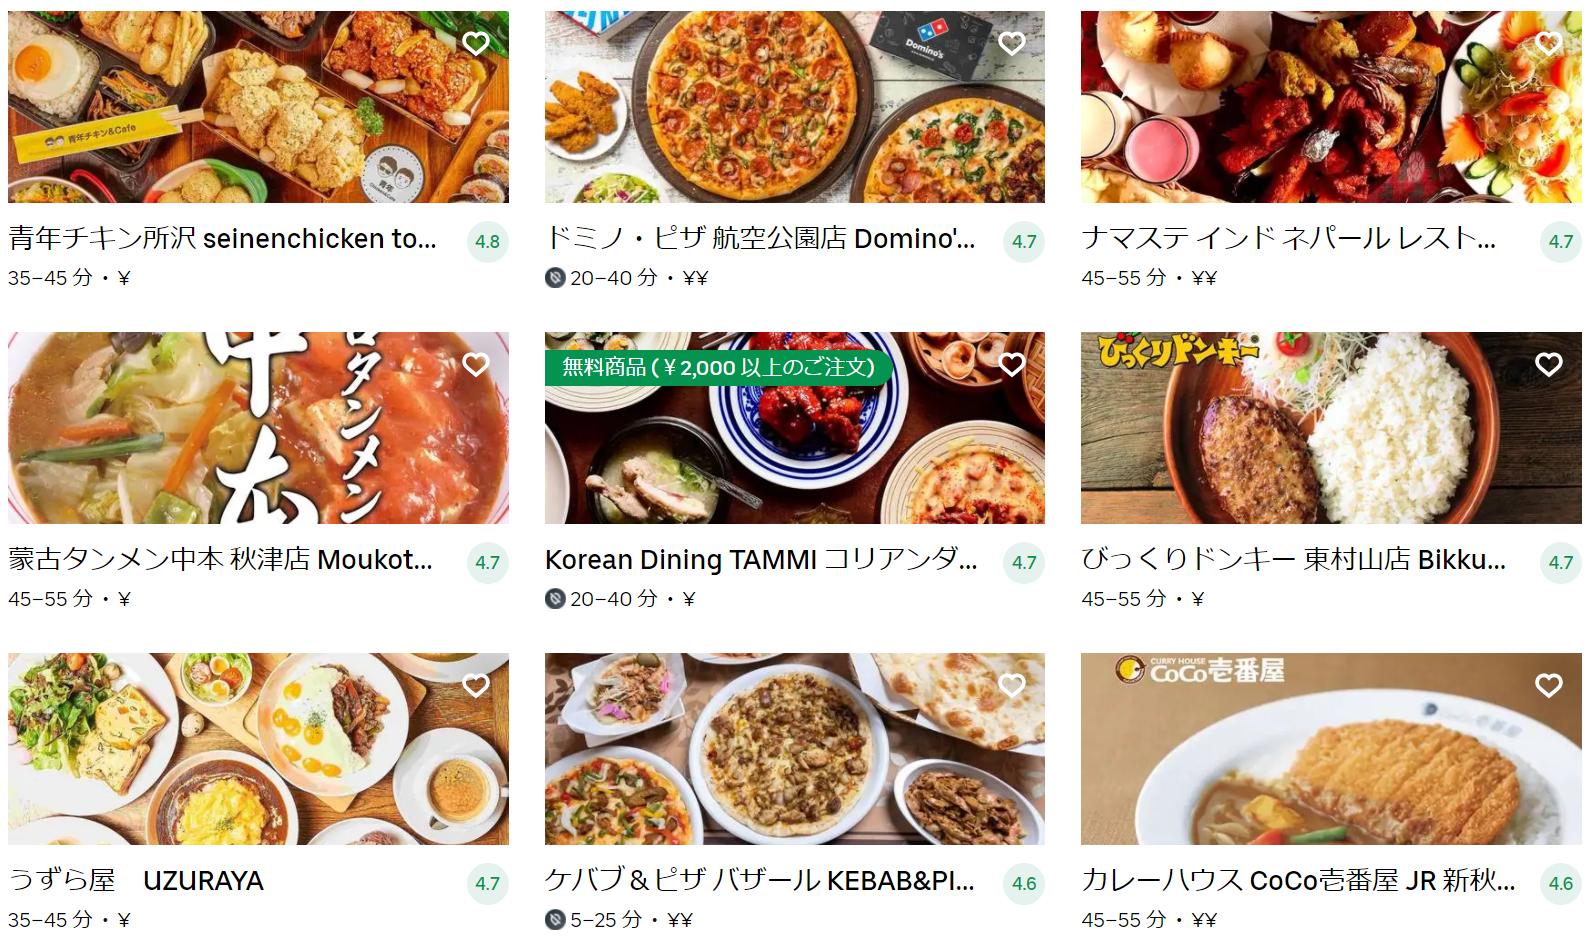 所沢市エリアのおすすめUber Eats(ウーバーイーツ)メニュー